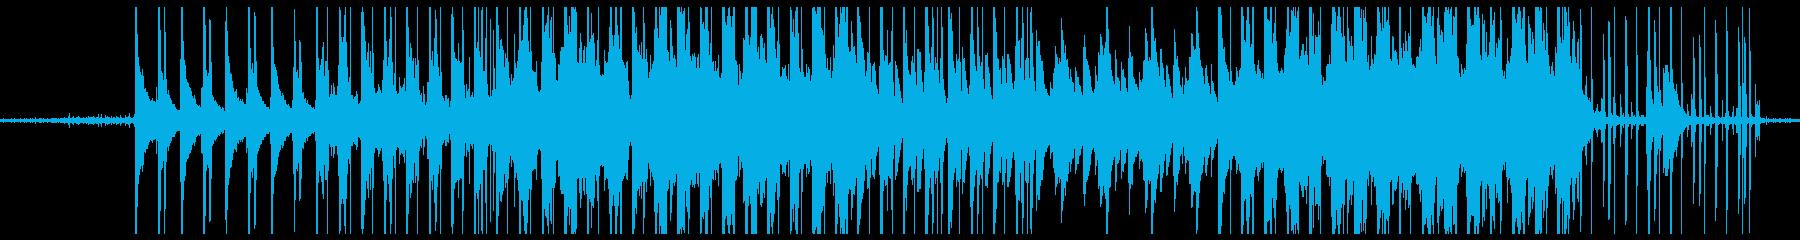 物悲しい雰囲気のLofihiphopの再生済みの波形